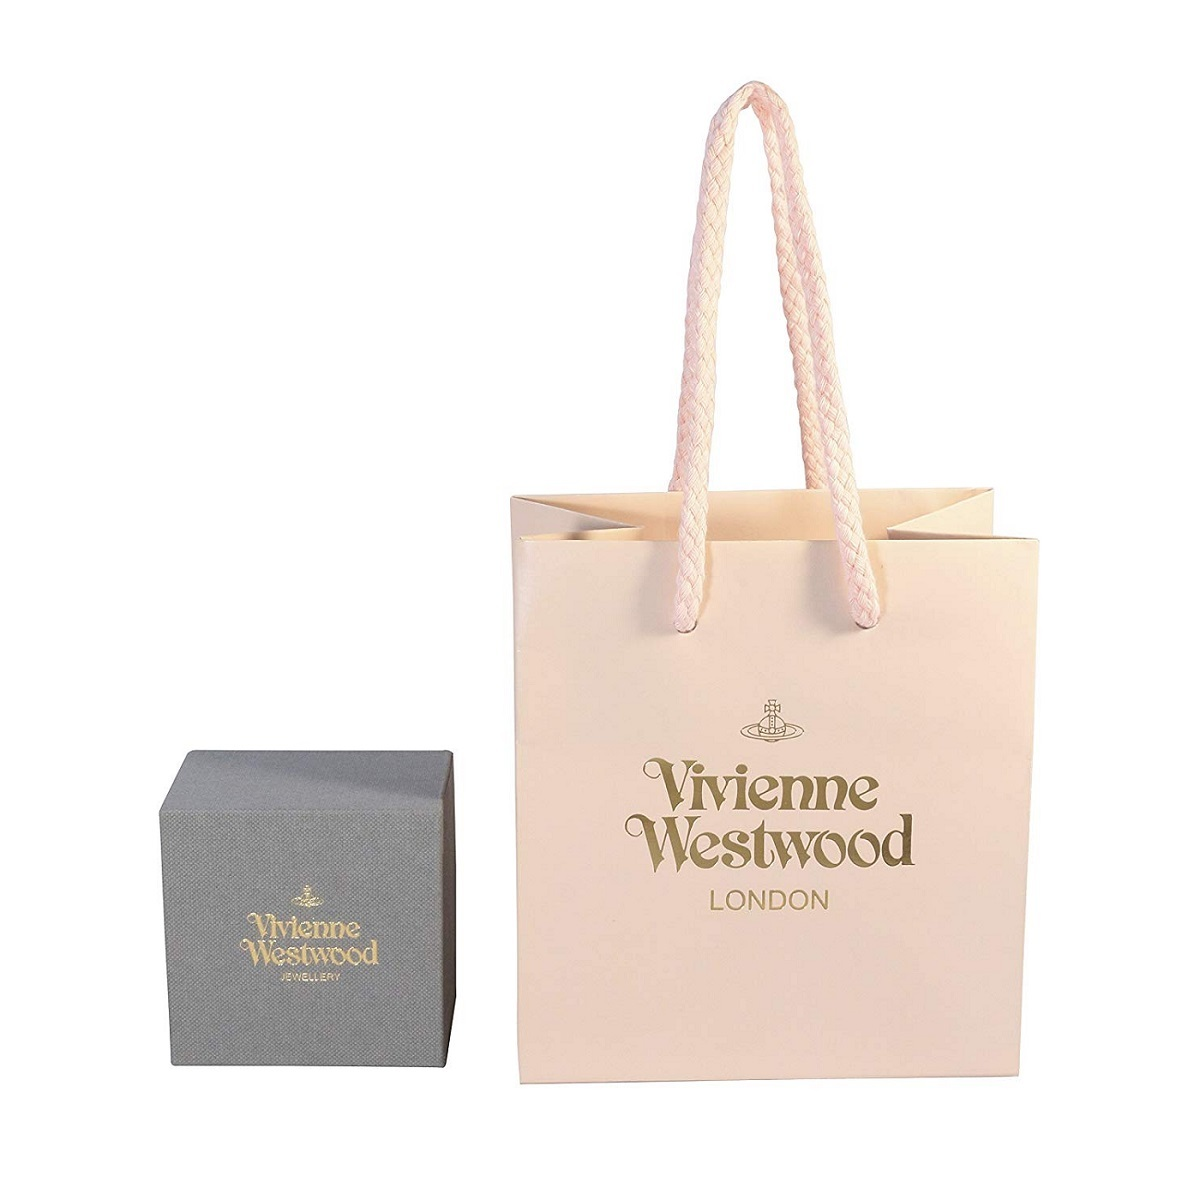 【大特価】◆新品 ヴィヴィアン・ウエストウッド / ピアス Vivienne Westwood BE165 33 正規品_画像4